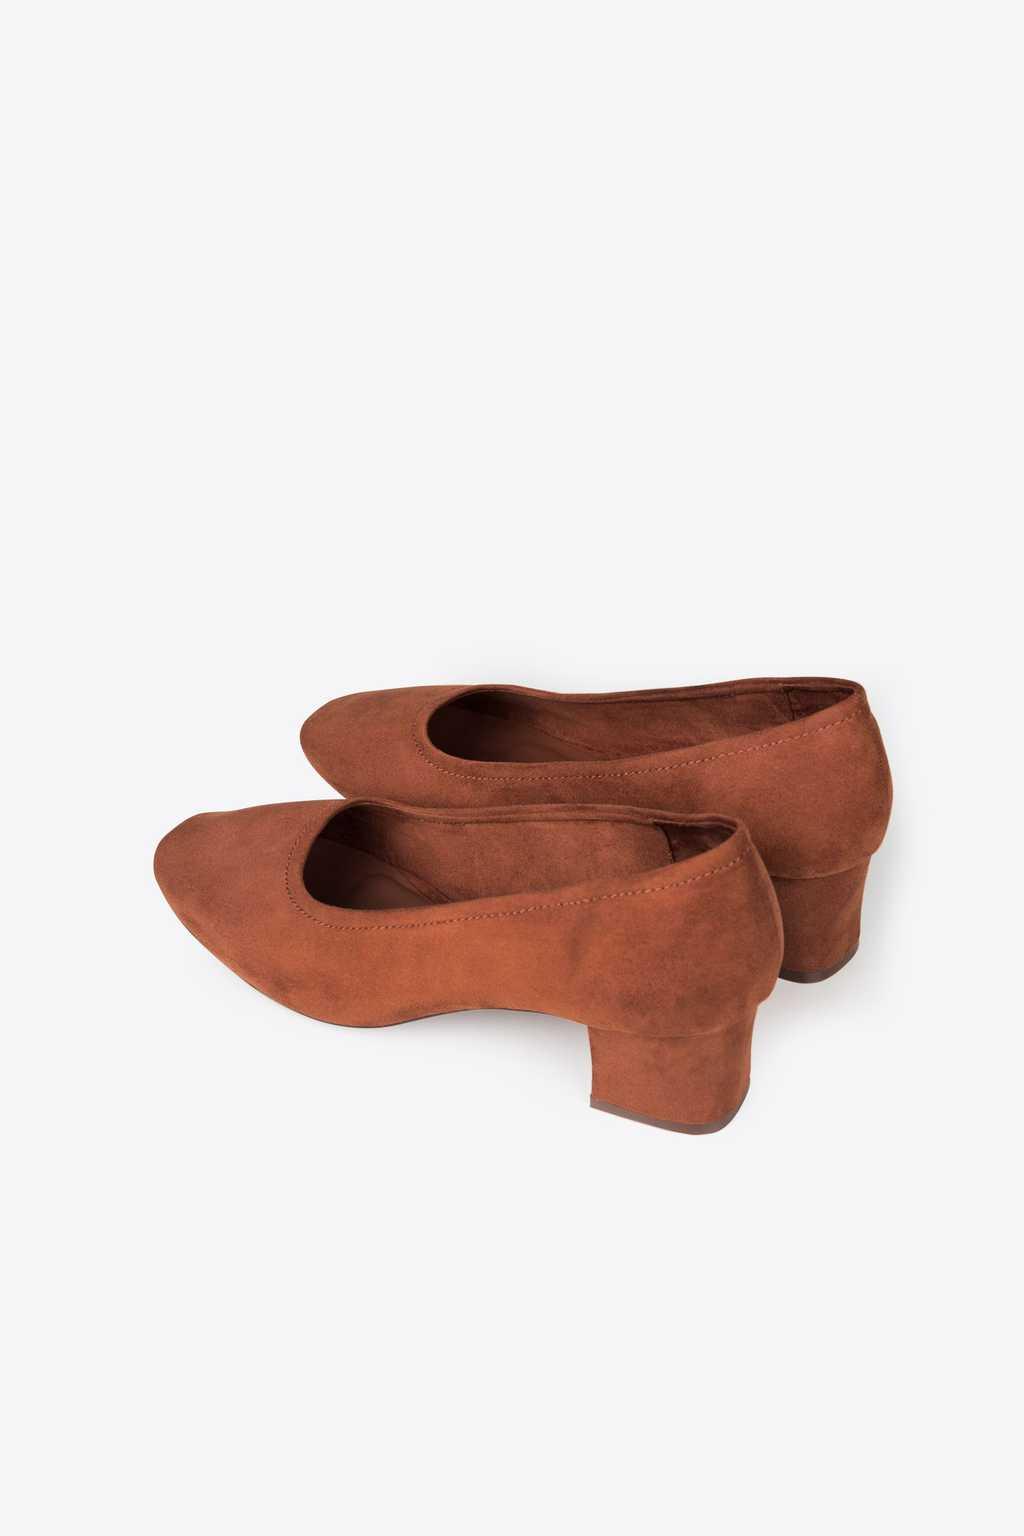 Block Heel 1896 Brown 3